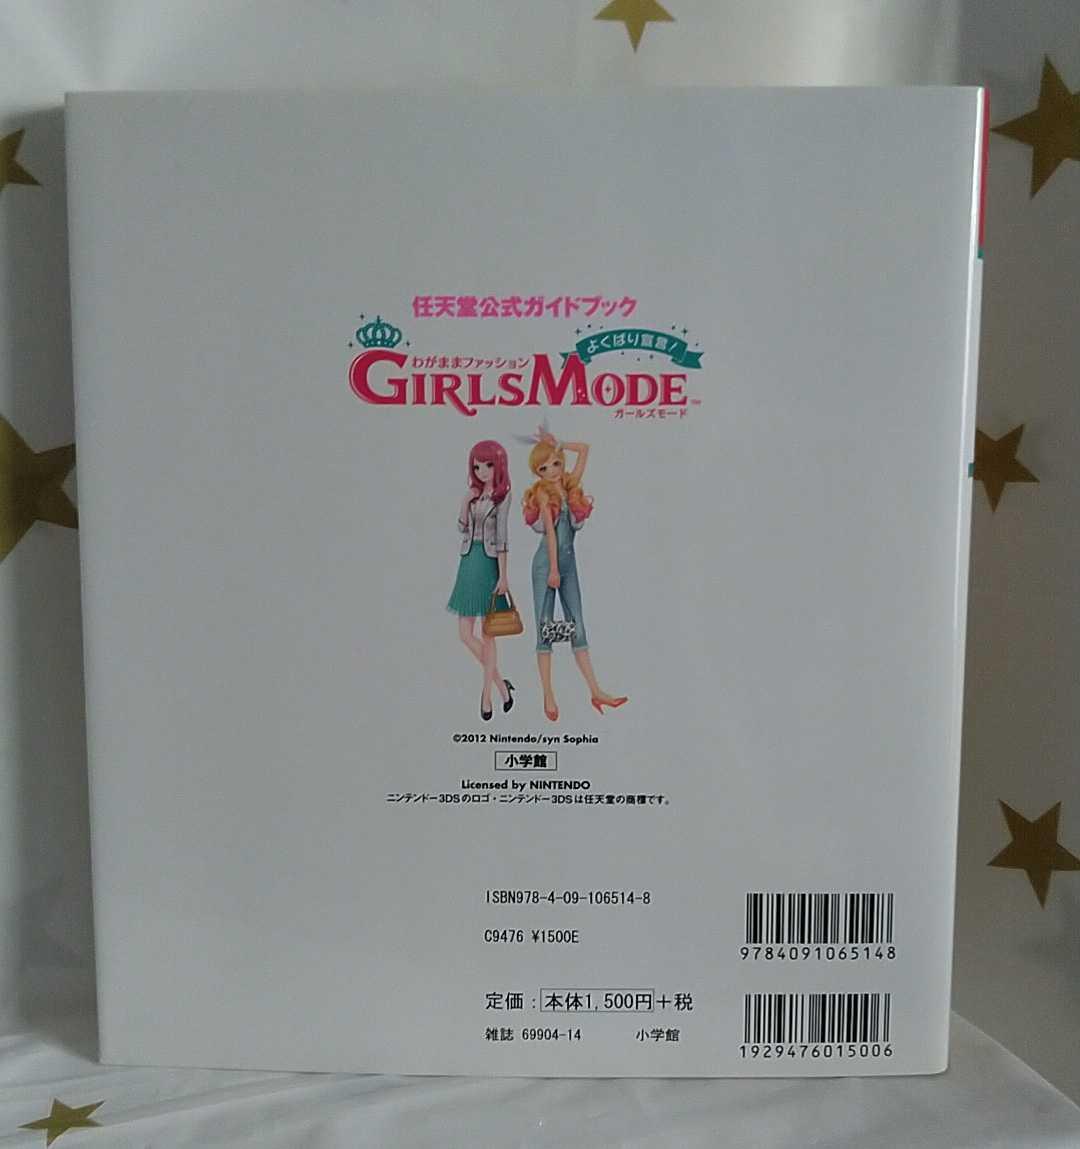 ☆初版☆わがままファッション GIRLSMODE よくばり宣言! 任天堂公式ガイドブック